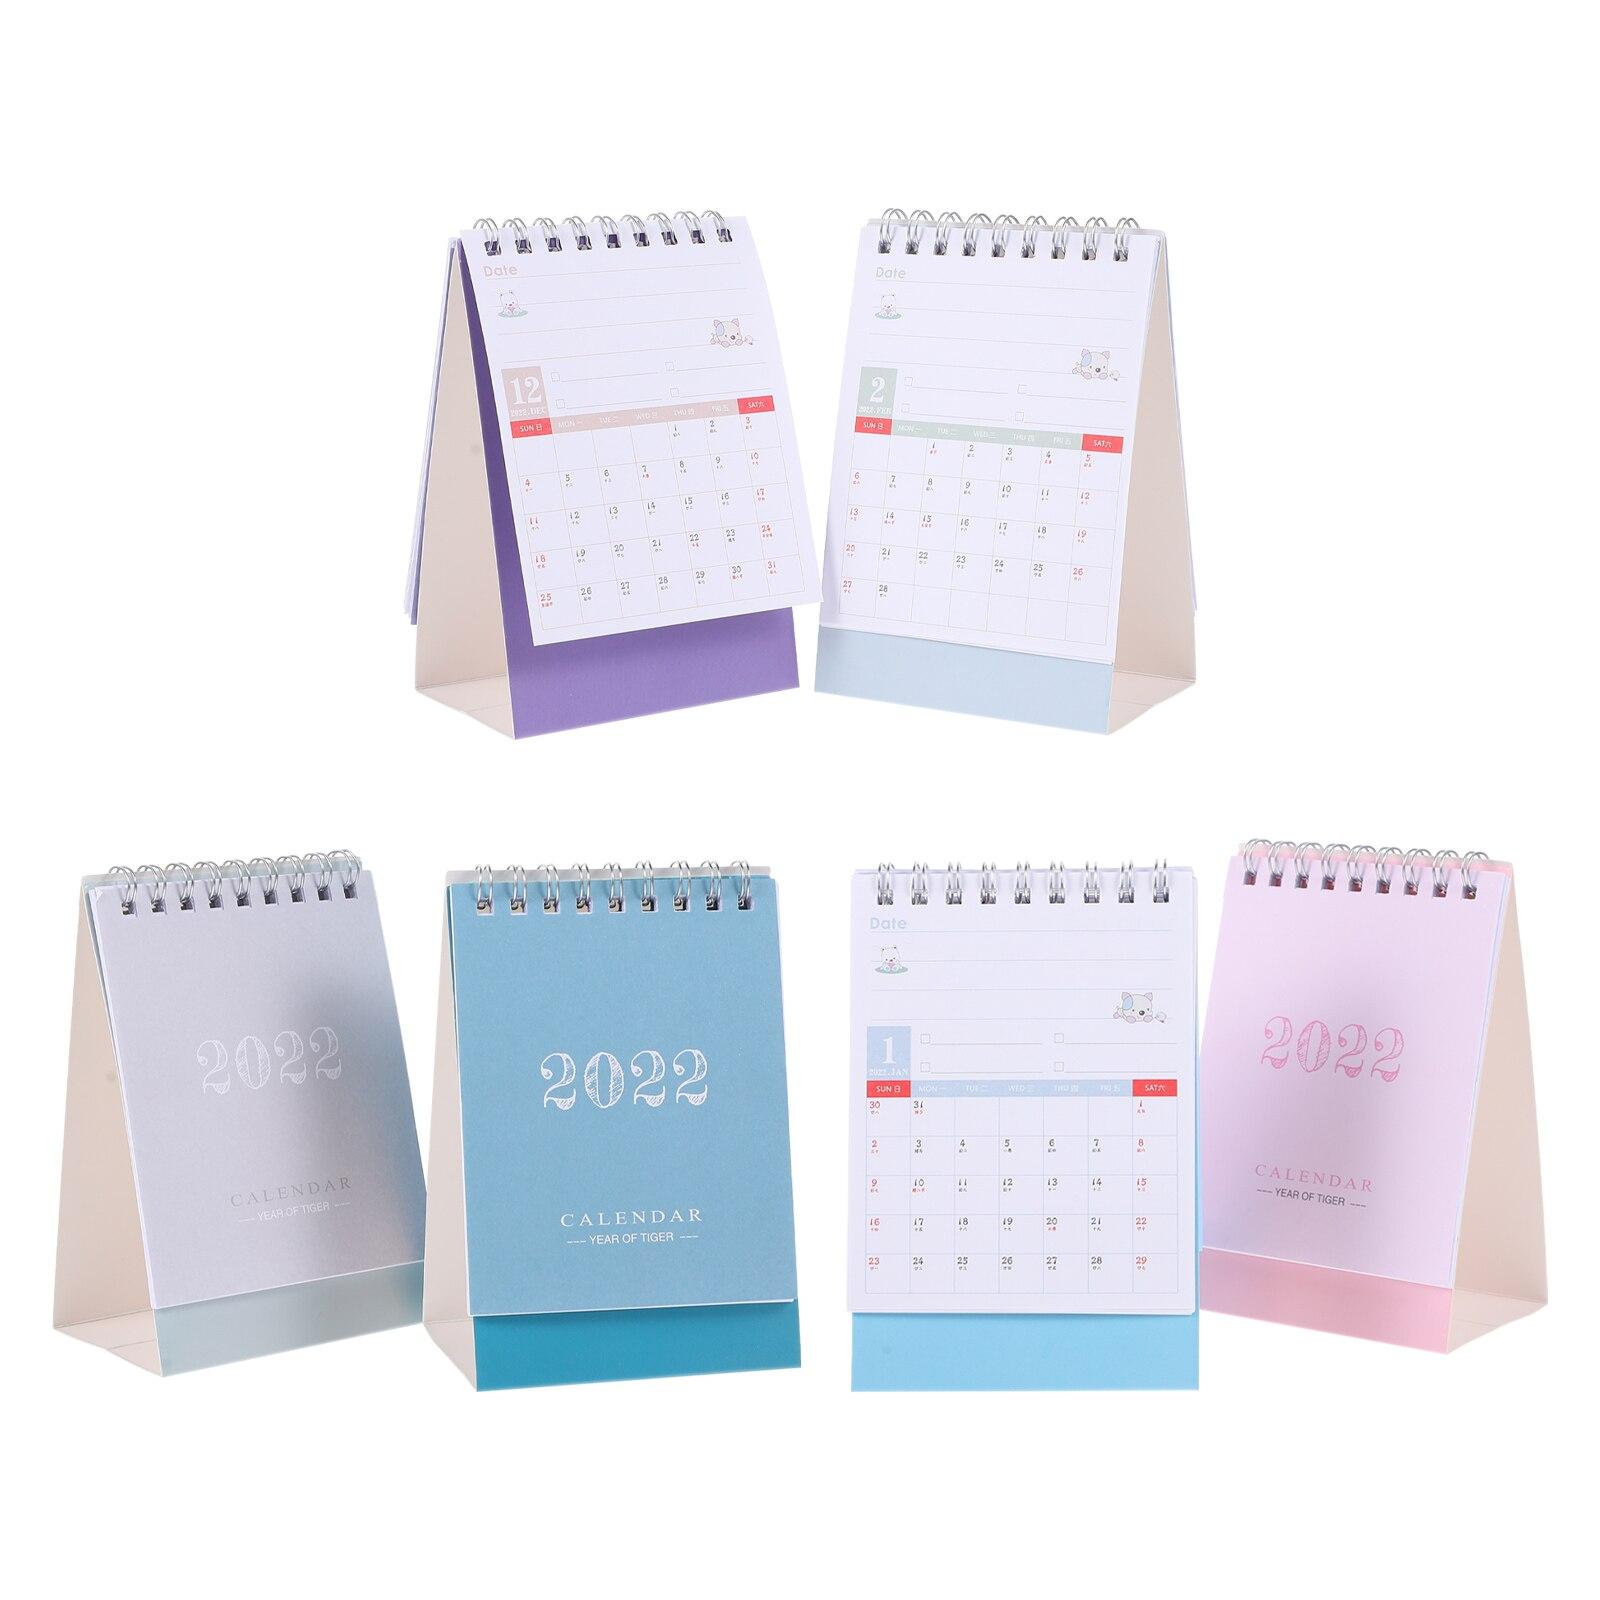 6 шт. бумажных календарей, креативные 2022 календарей, настольные календари (разные цвета)